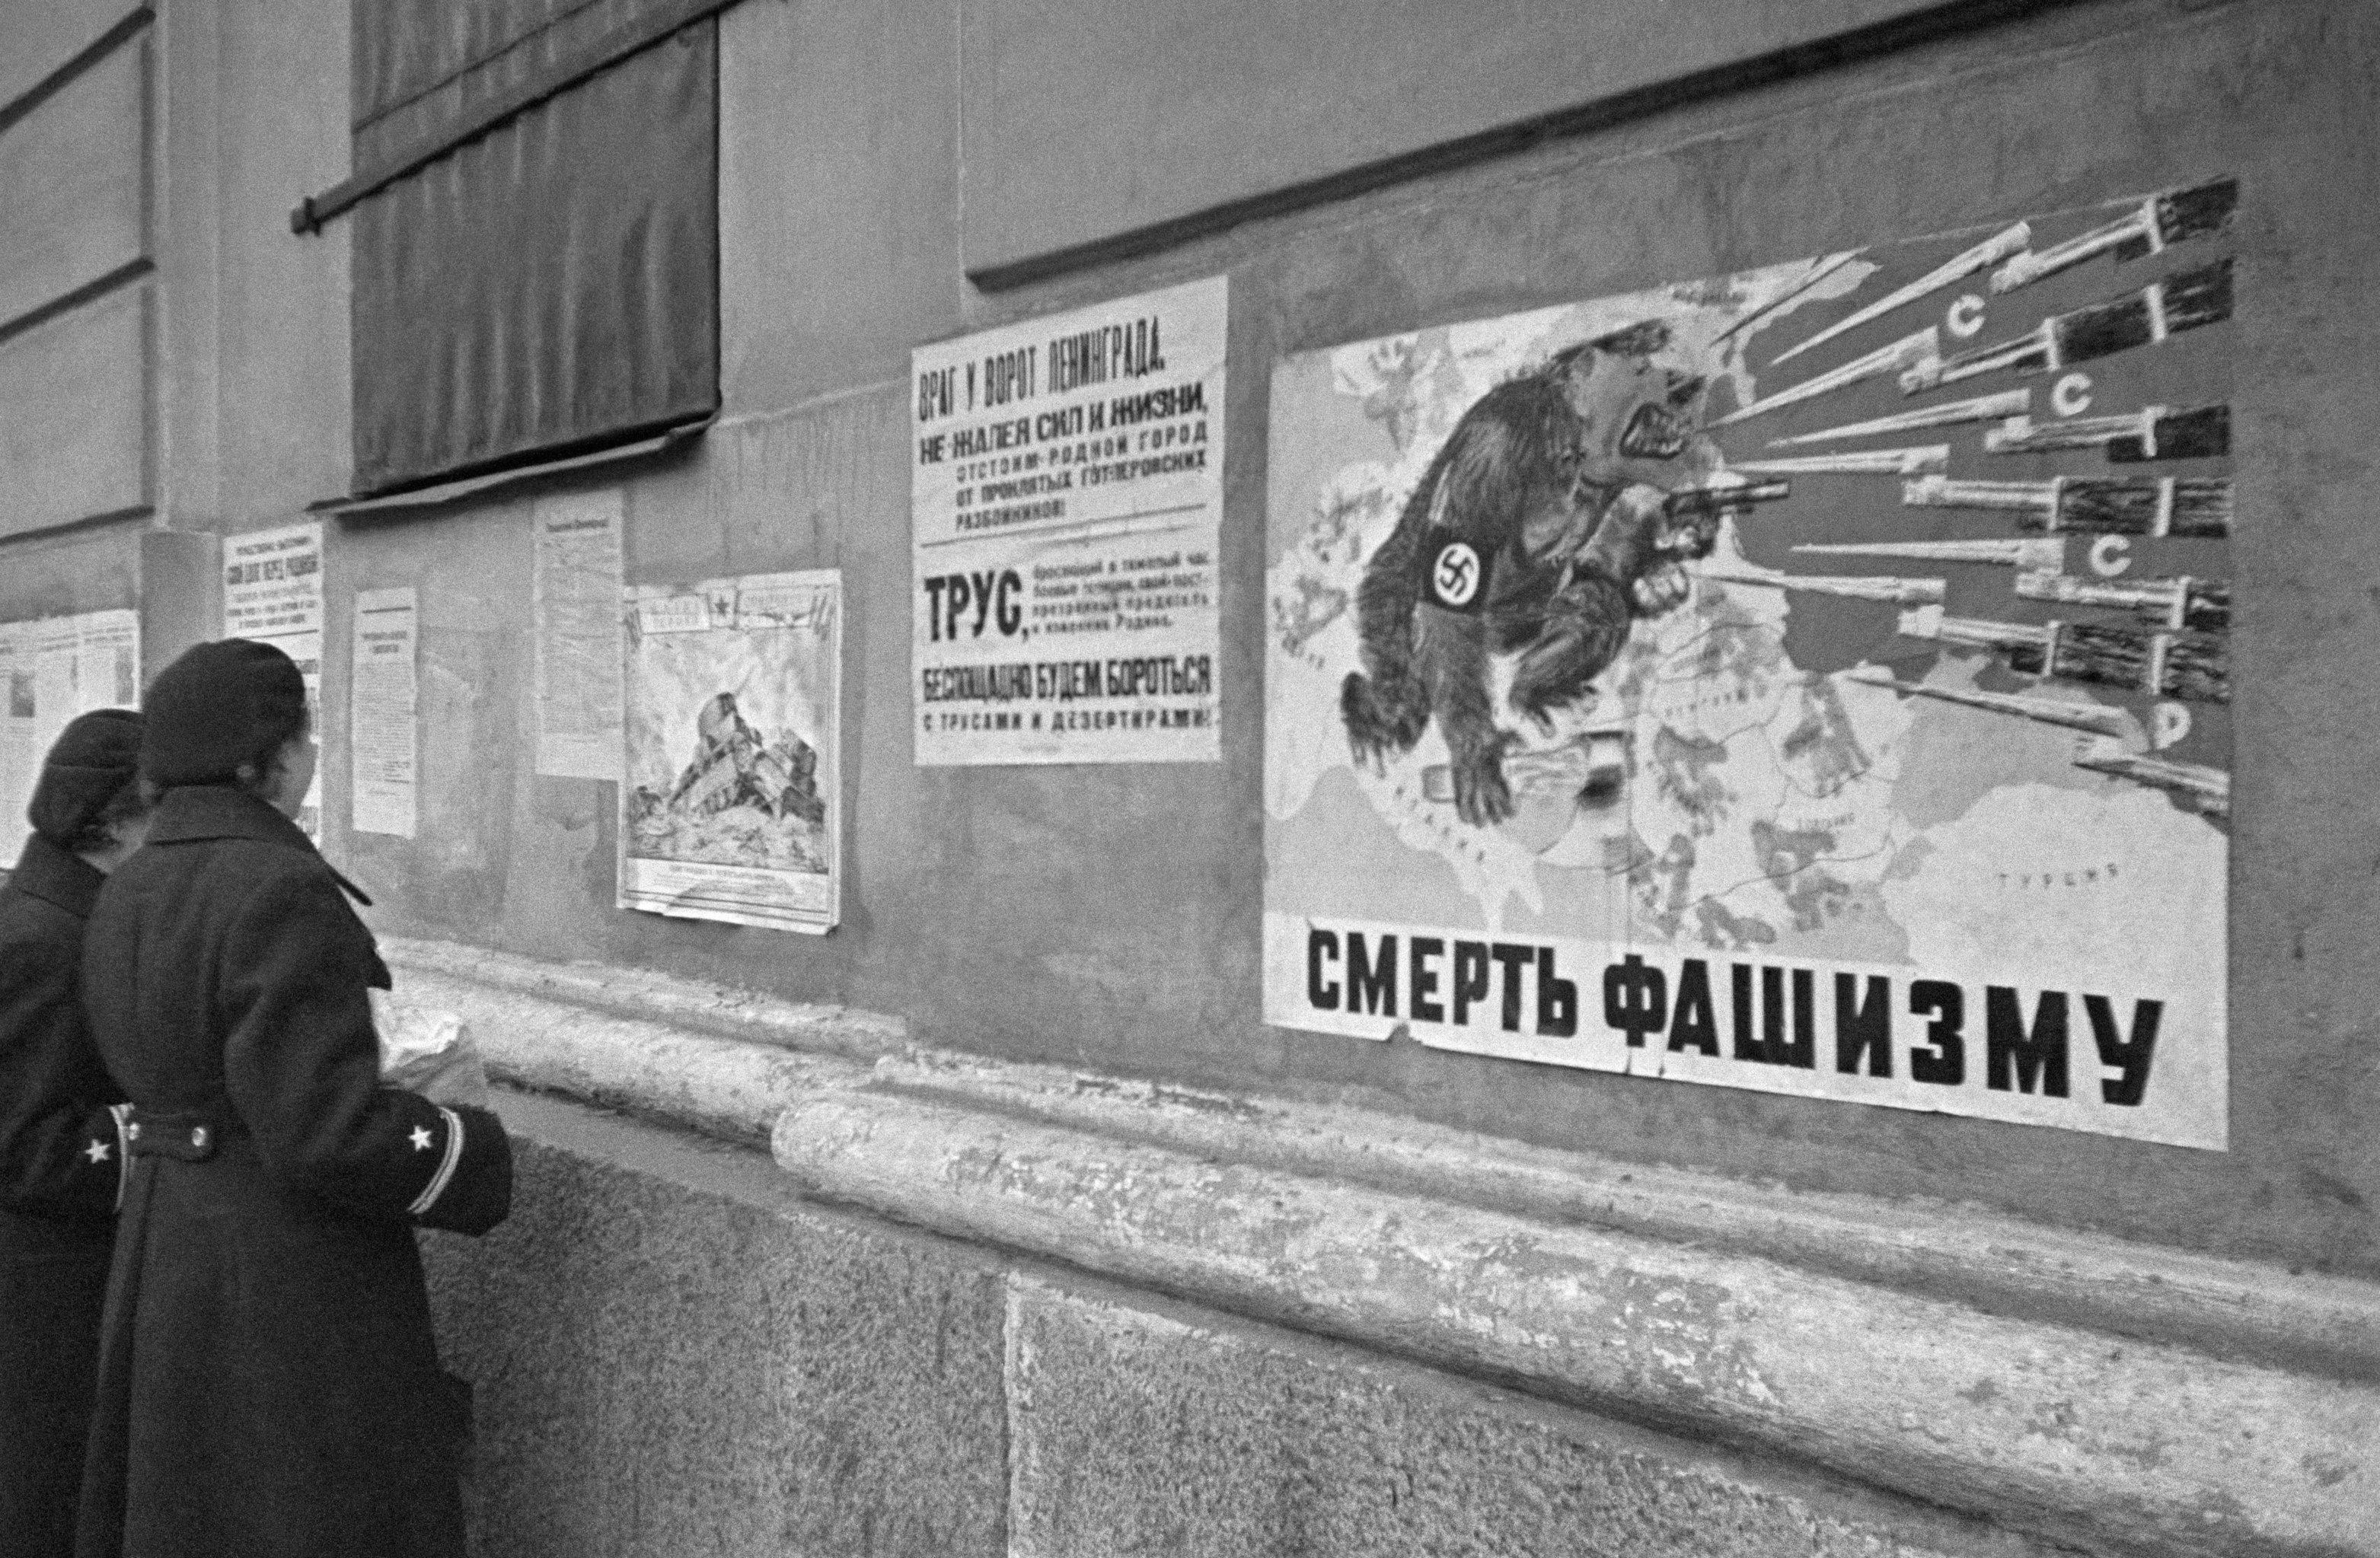 El Comité de archivo de San Petersburgo tiene previsto desclasificar 300 documentos secretos sobre el sitio de Leningrado